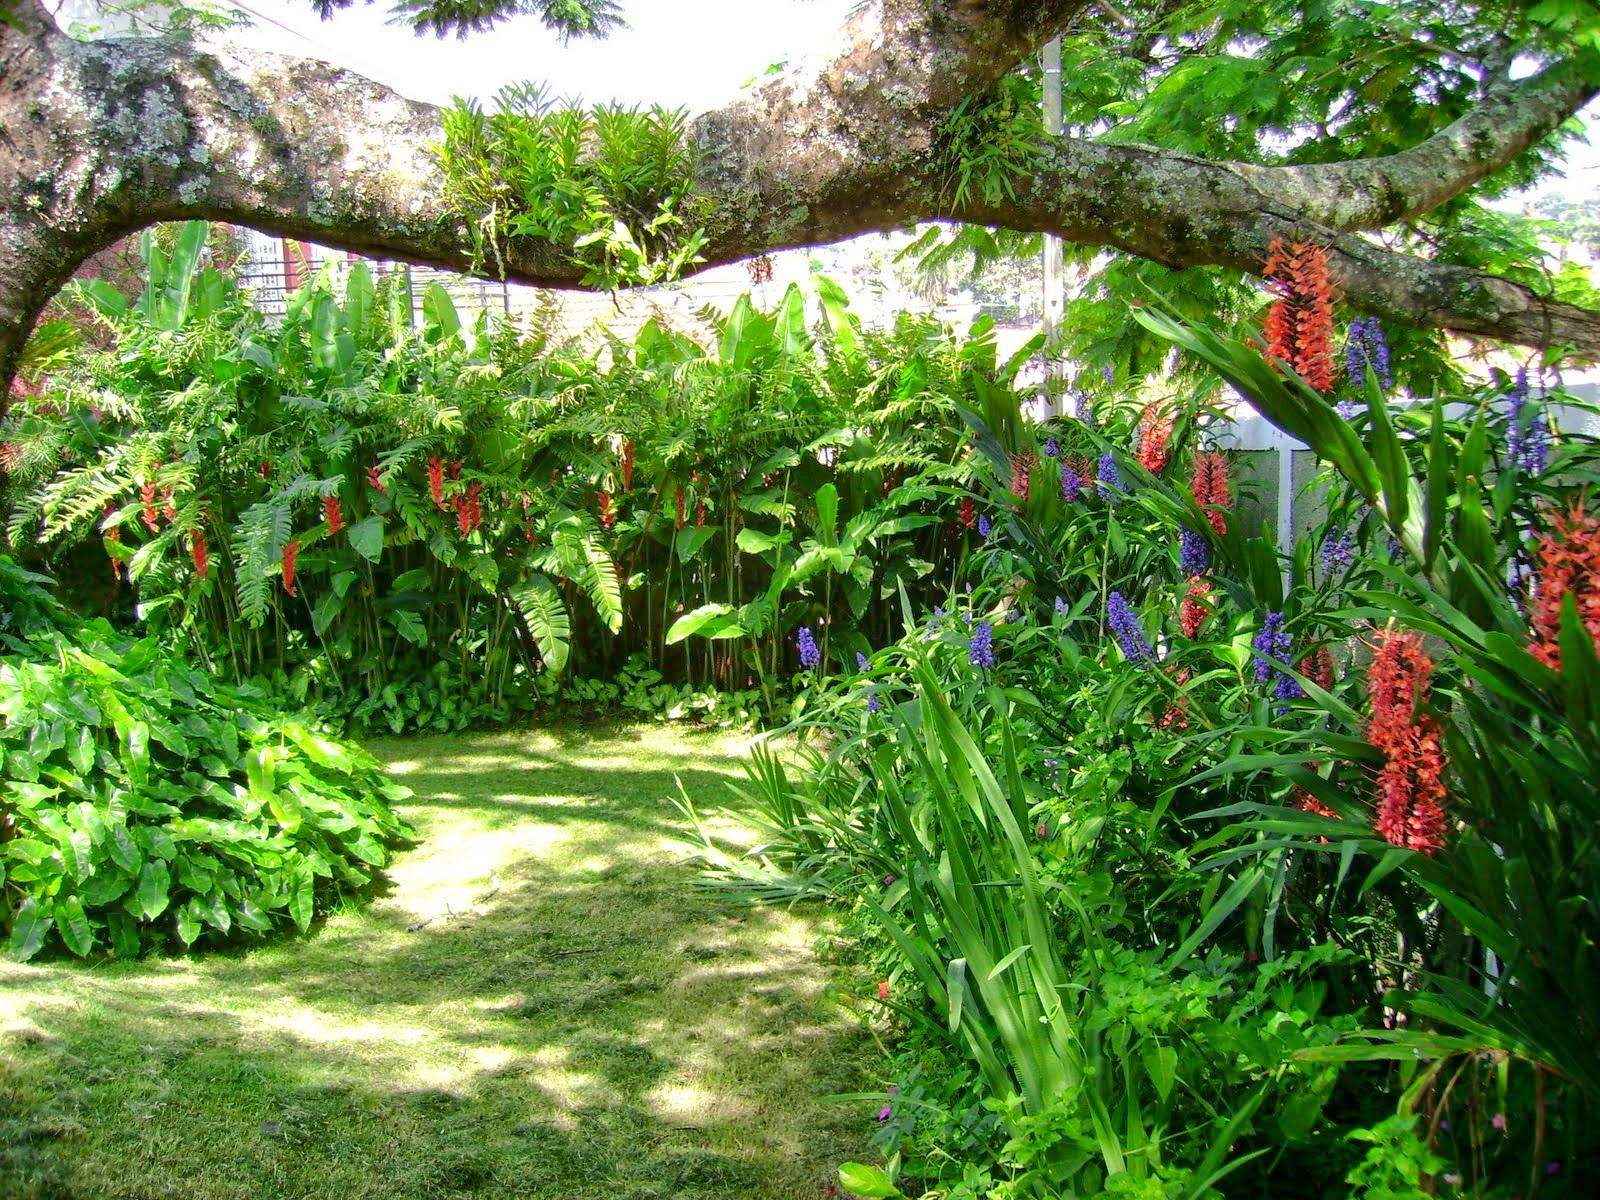 plantas jardins tropicais : plantas jardins tropicais:maioria das plantas são perenes, também não será necessário